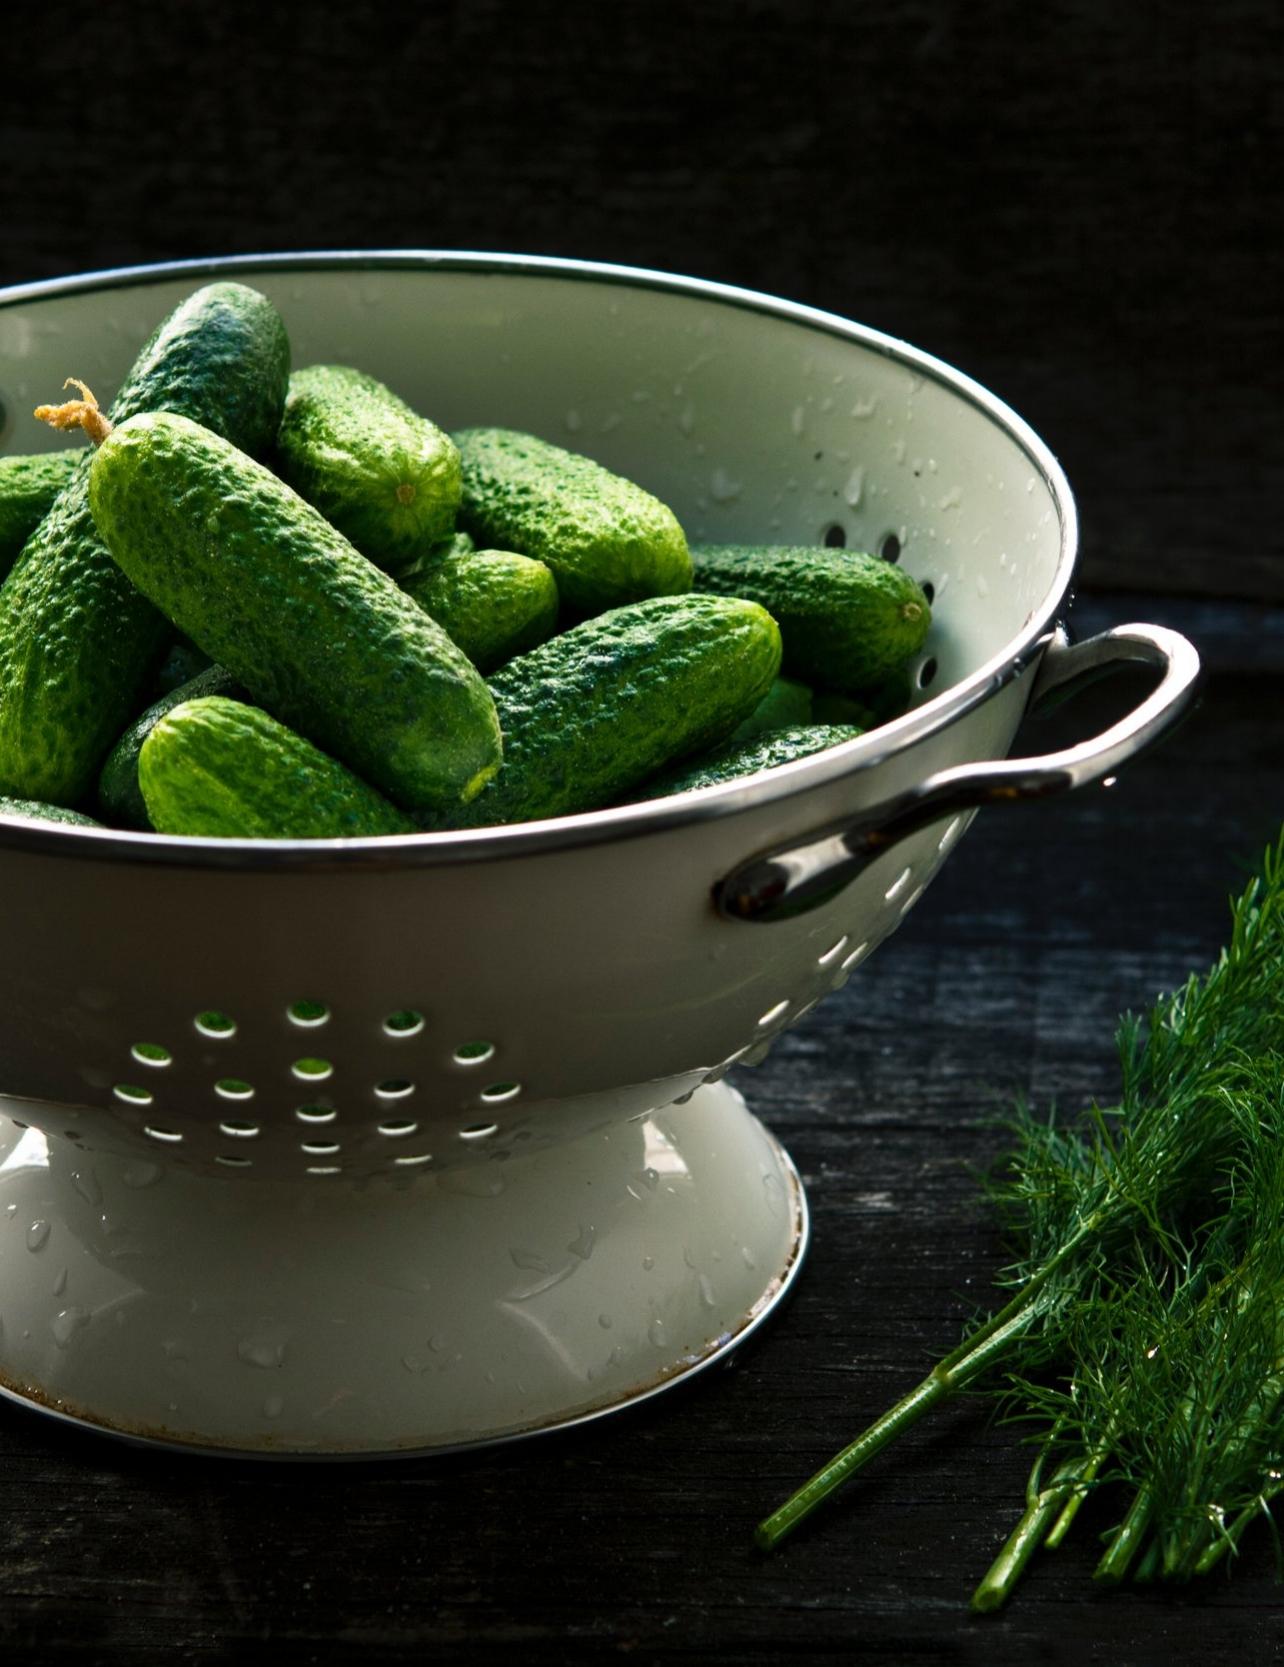 Field Cucumbers